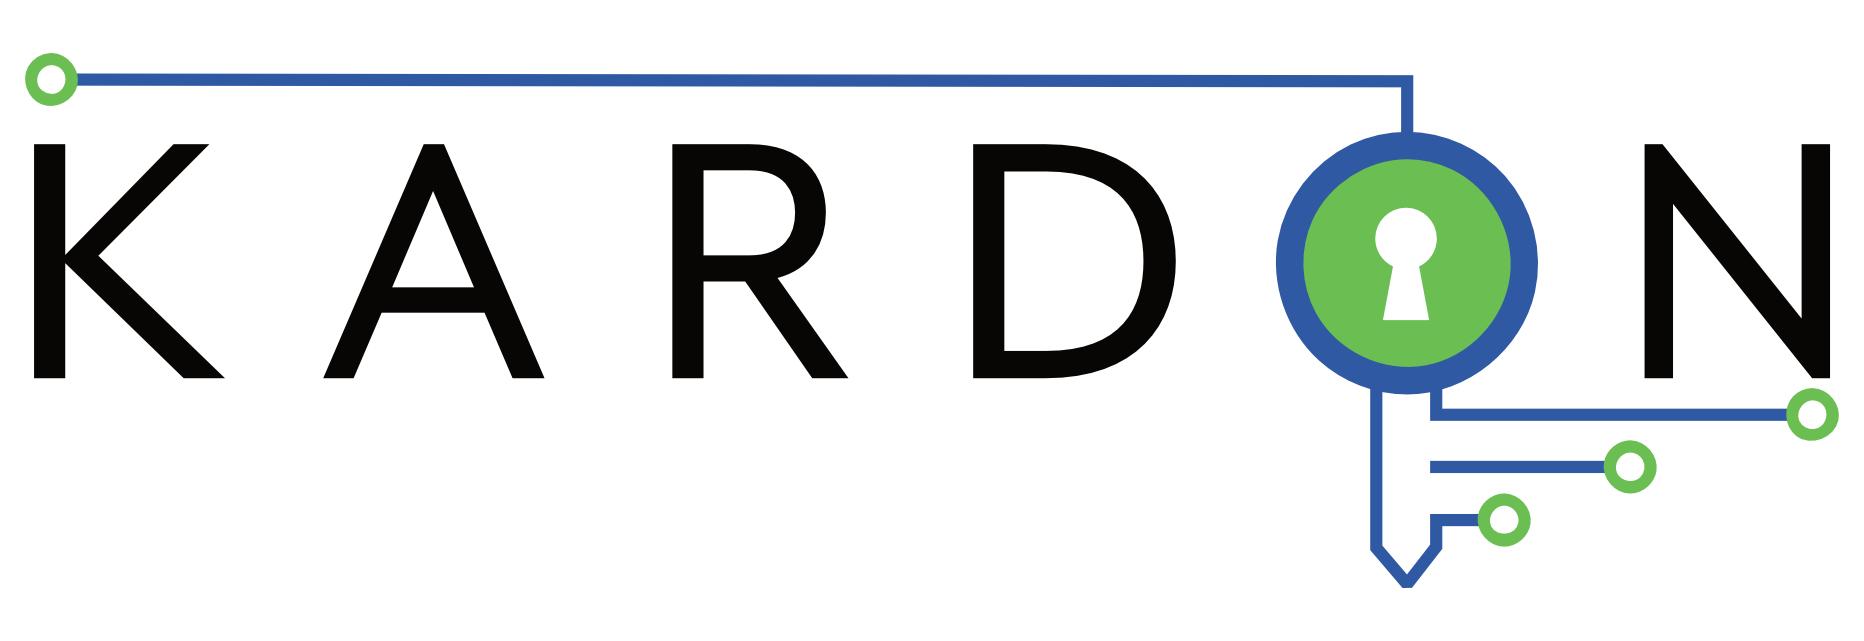 KardonHQ.com